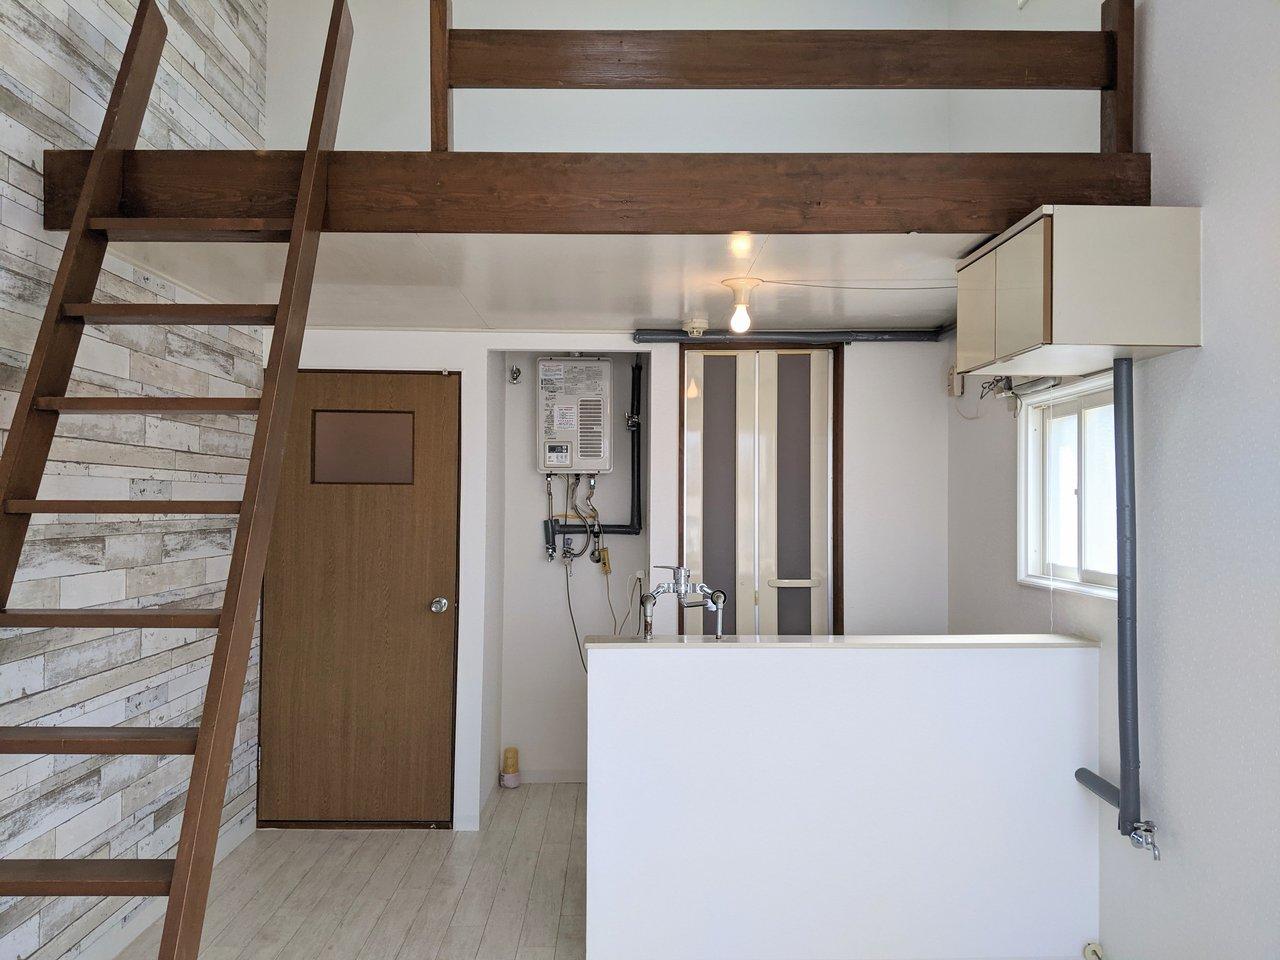 ブロック調のアクセントクロスがおしゃれな、ワンルーム。天井が高く、開放感があります。